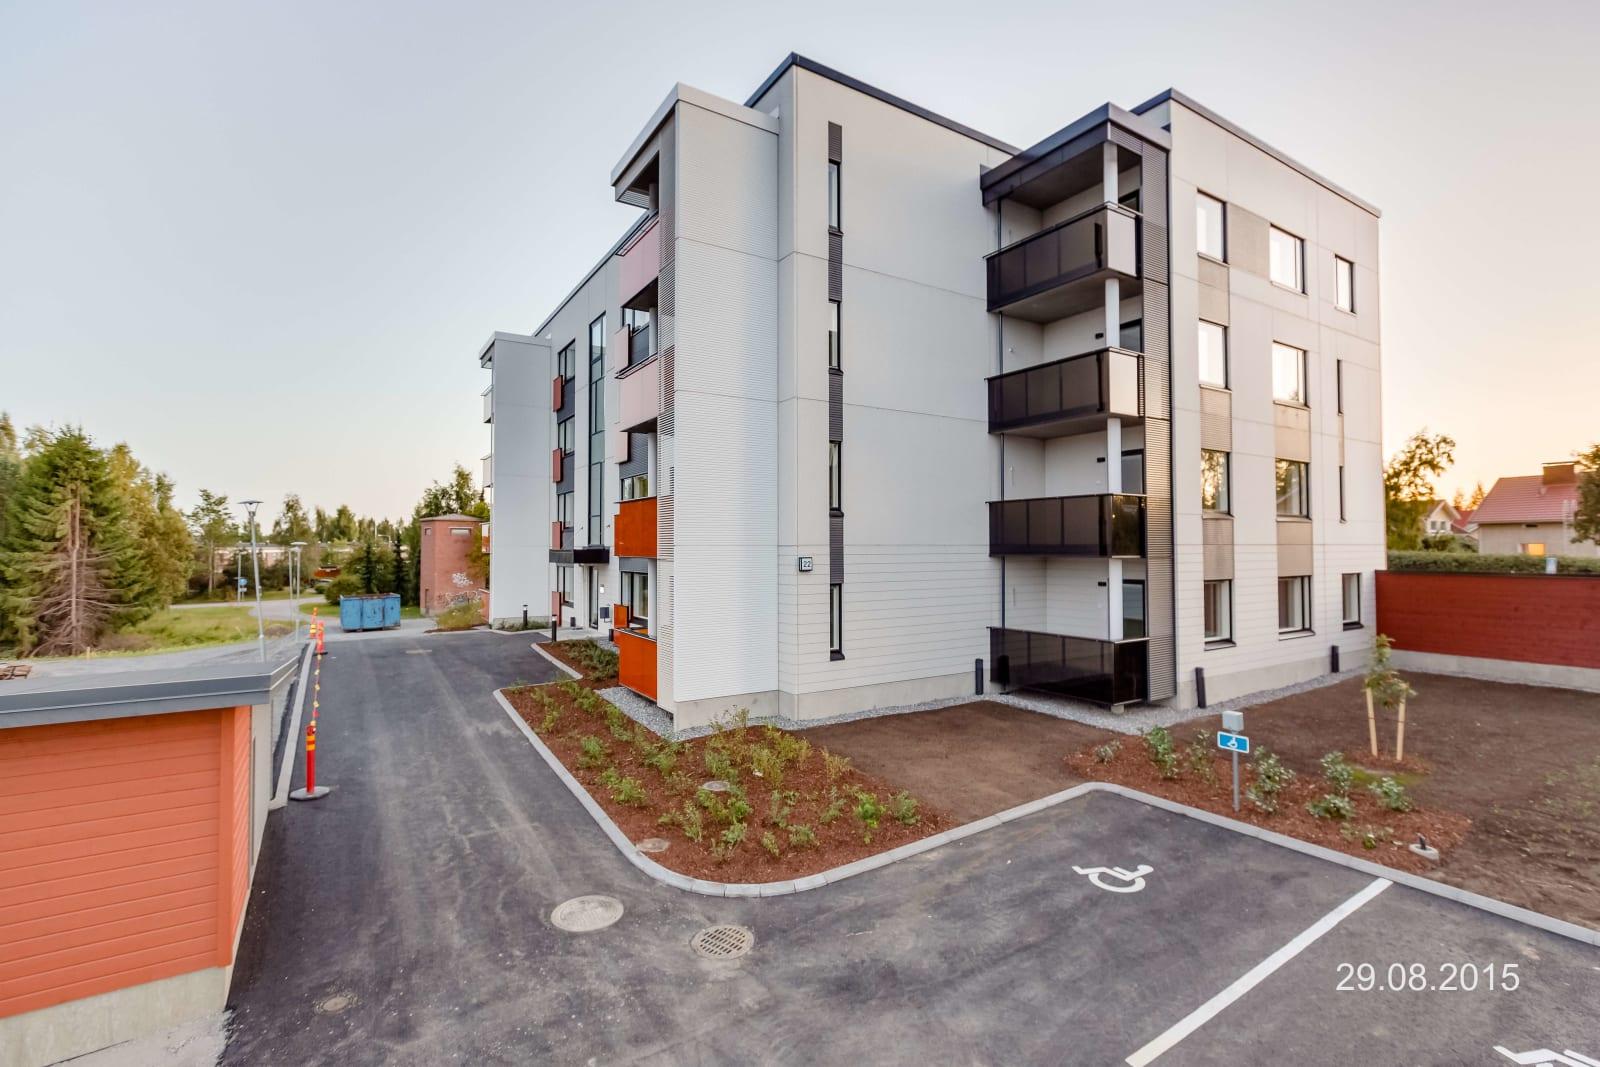 Tampere, Linnainmaa, Aitolahdentie 22